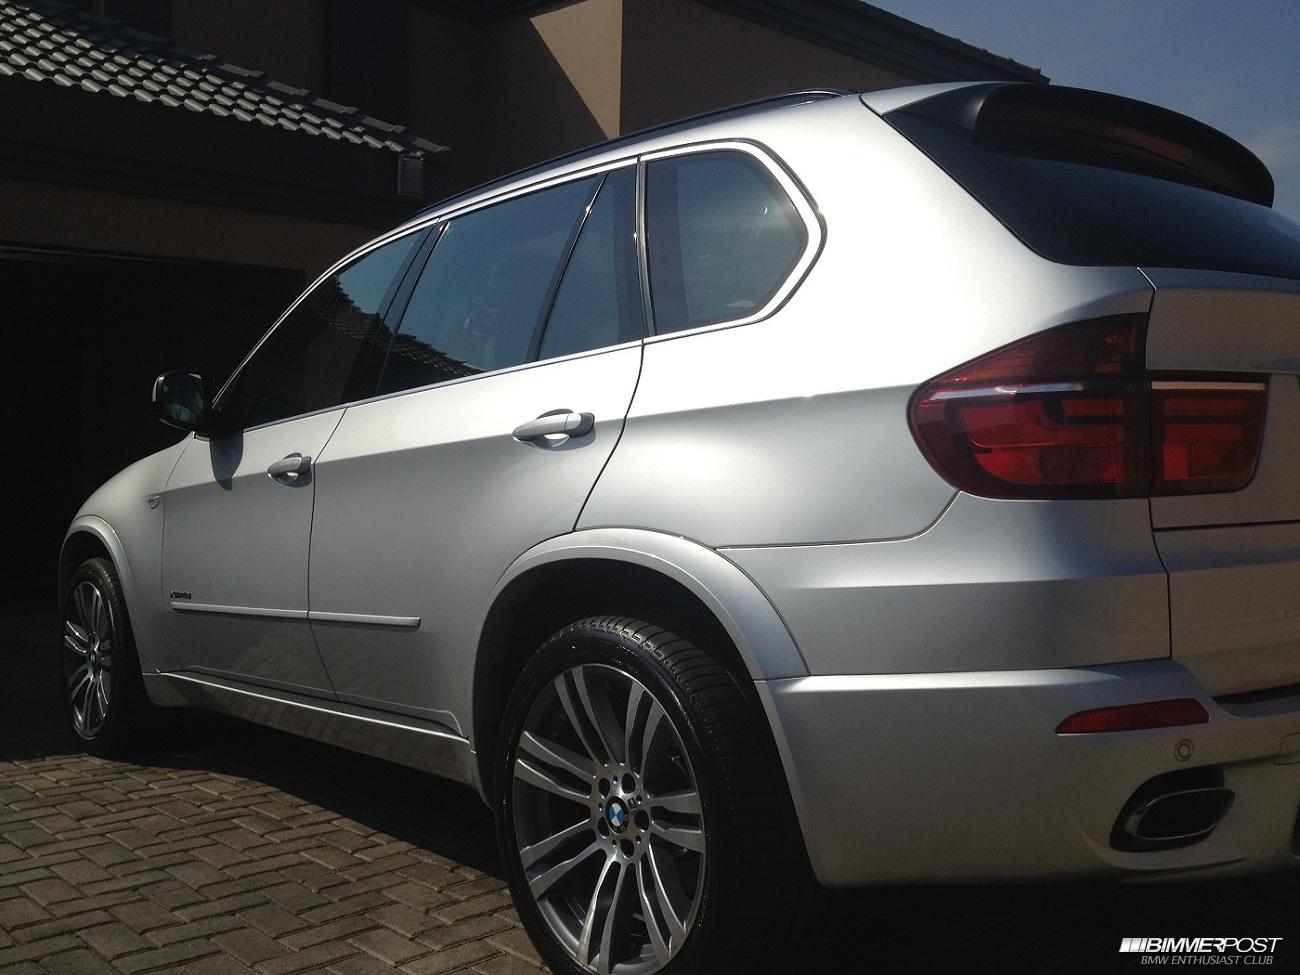 M3 Dct S 2012 X5 40d M Sport Bimmerpost Garage